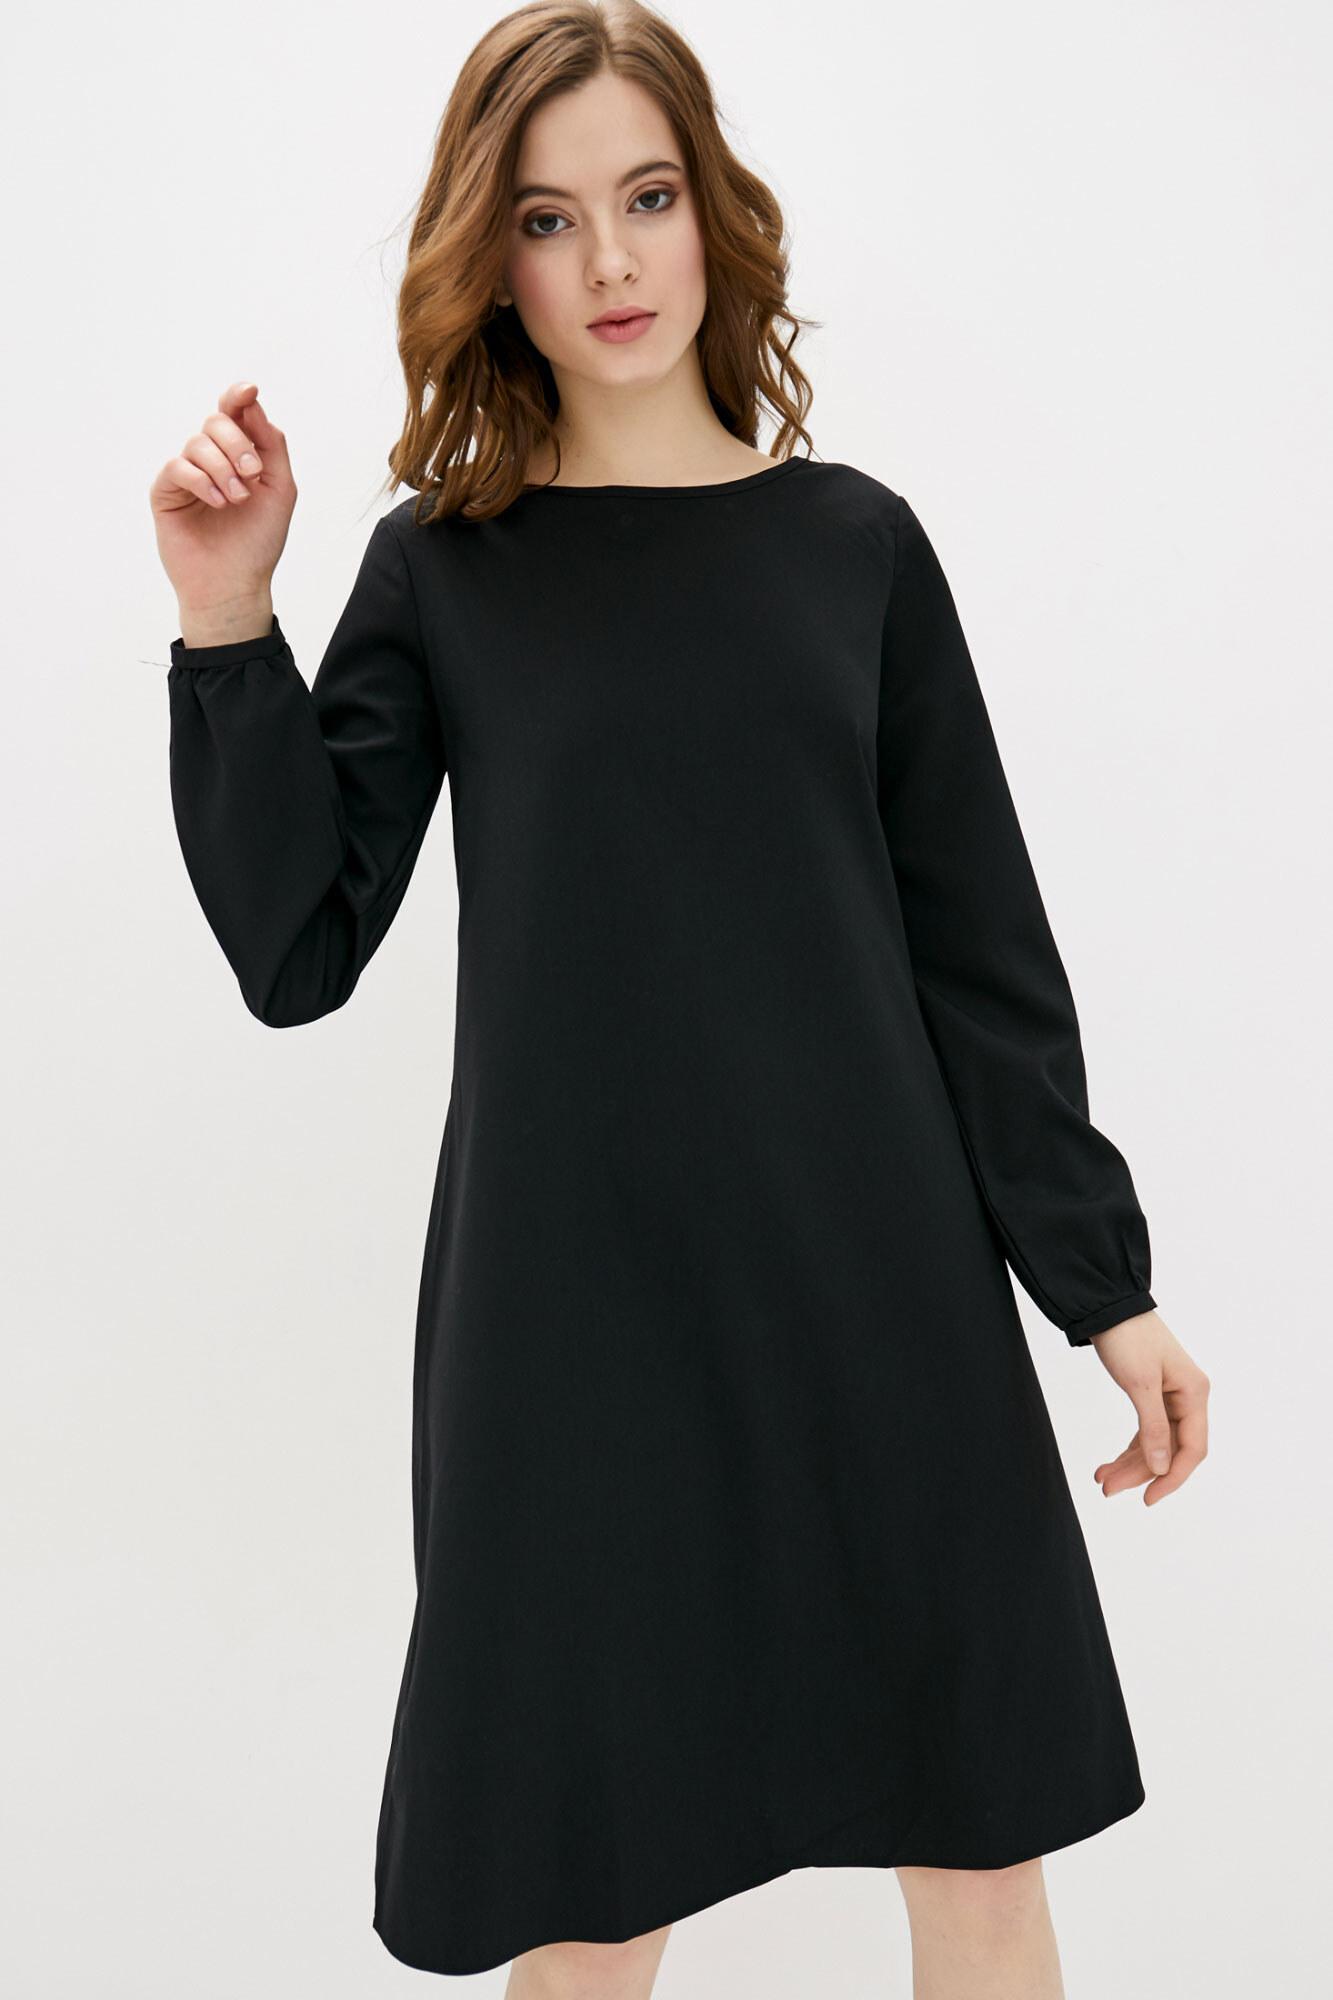 Свободное платье миди с длинными рукавами на манжетах GEN